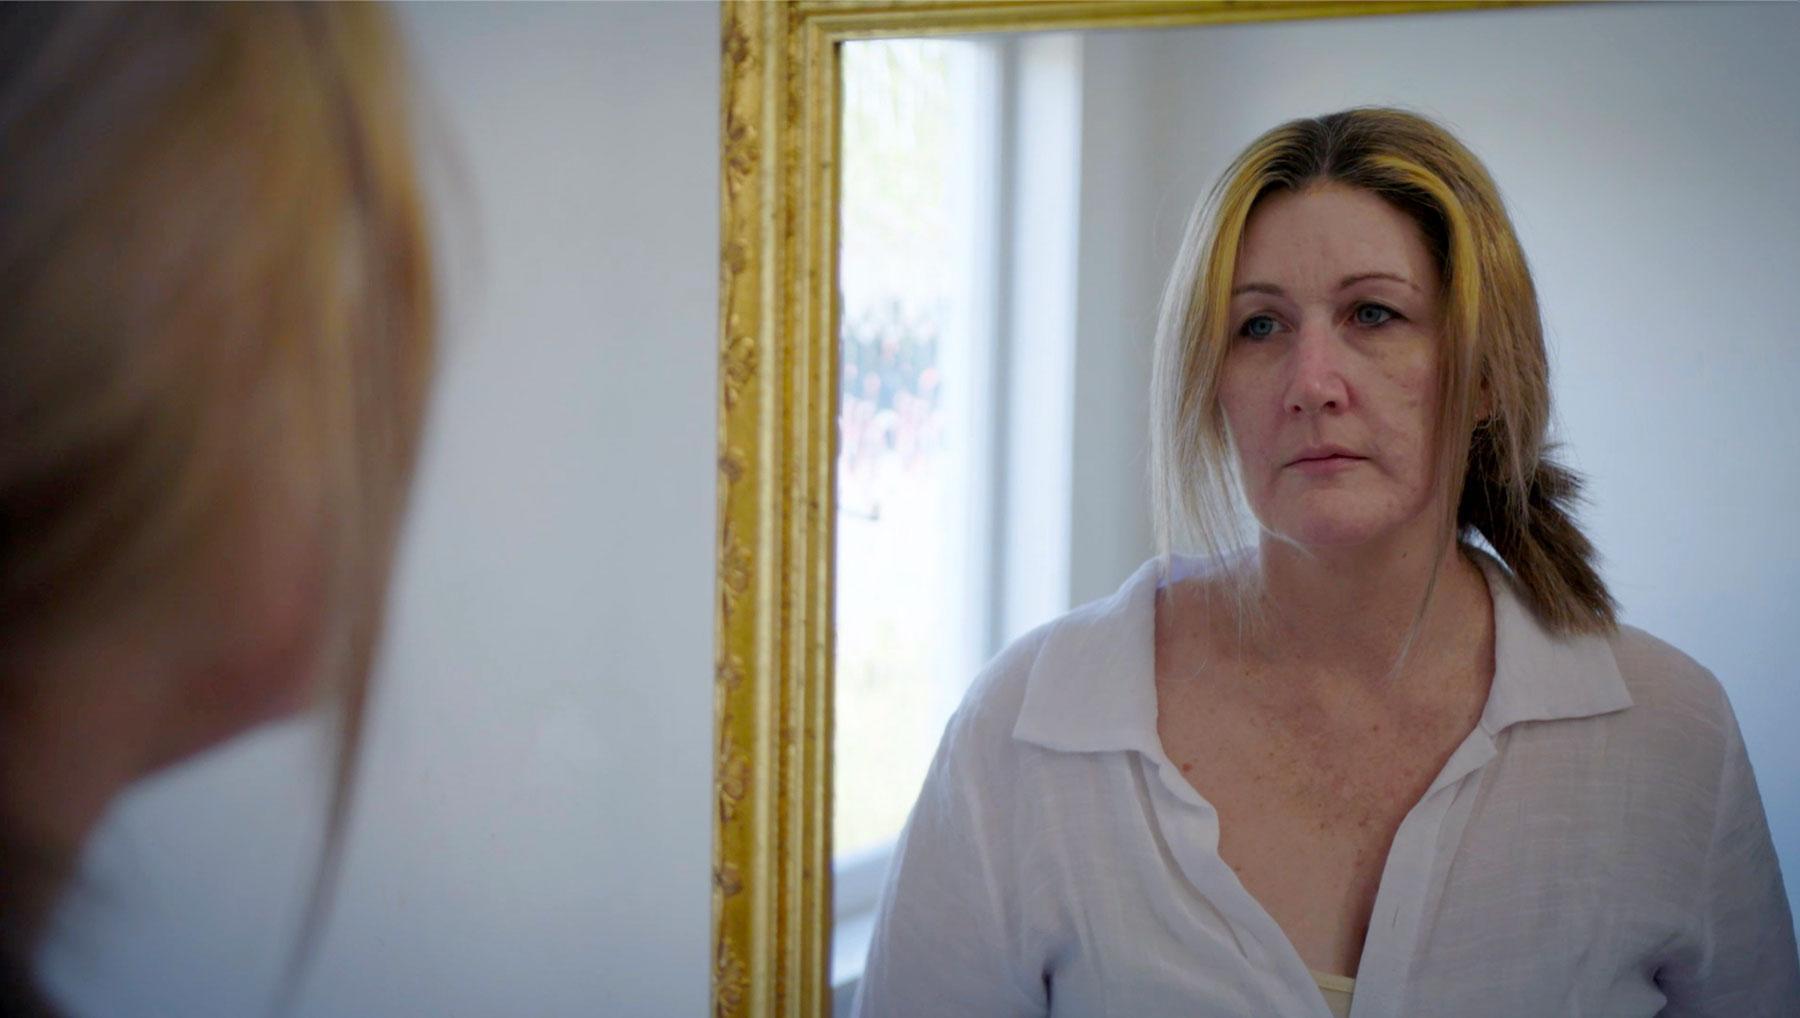 Debbs Murray looking in a mirror